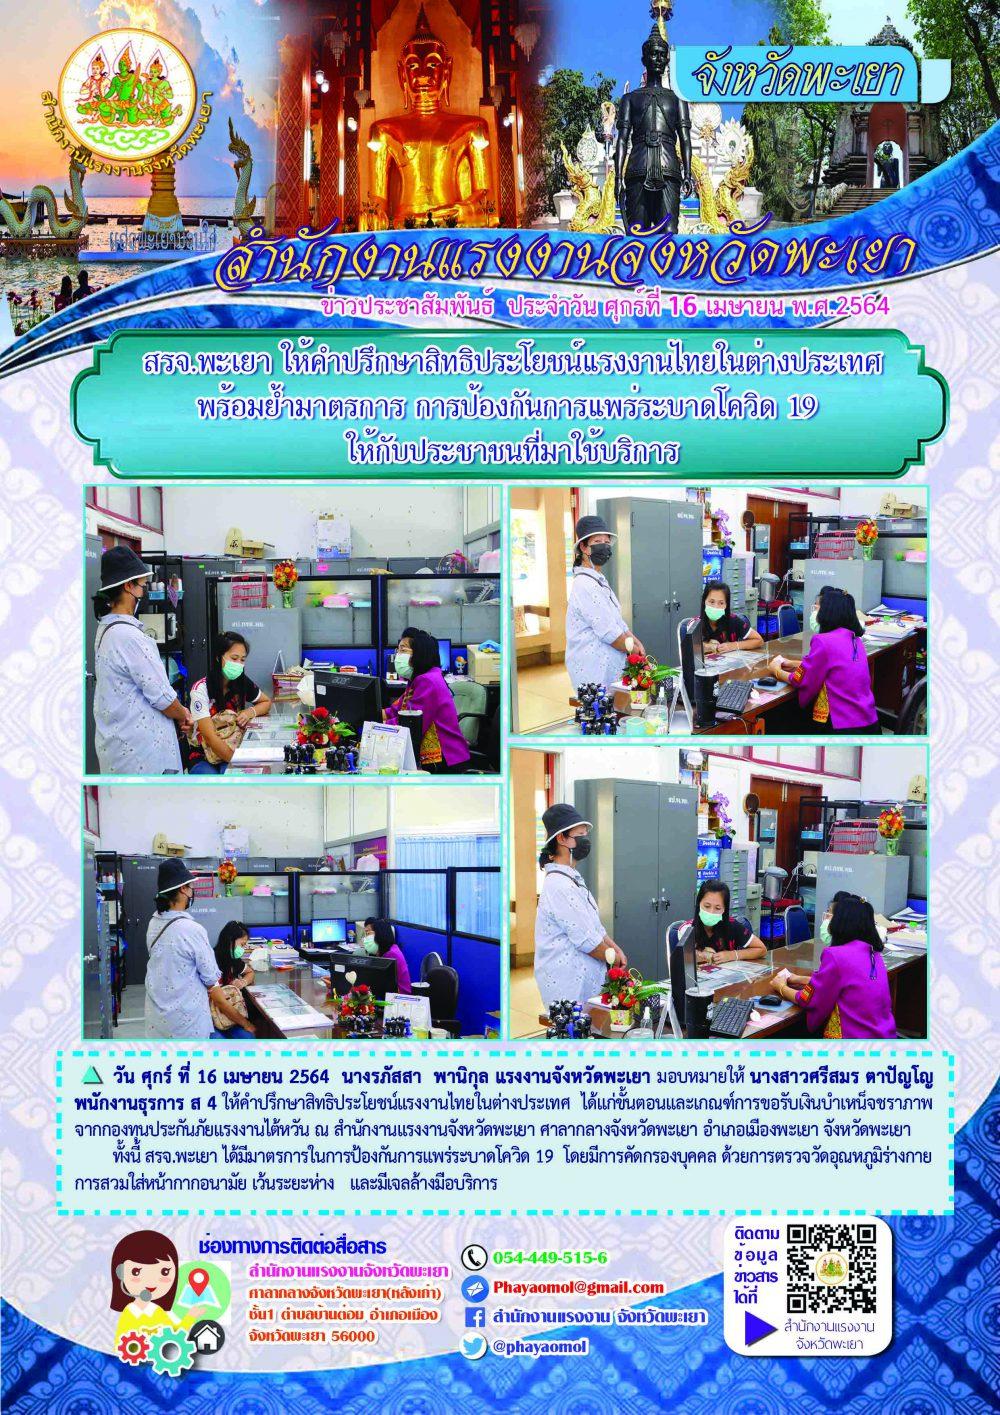 สรจ.พะเยา ให้คำปรึกษาสิทธิประโยชน์แรงงานไทยในต่างประเทศ พร้อมย้ำมาตรการ การป้องกันการแพร่ระบาดโควิด 19 ให้กับประชาชนที่มาใช้บริการ